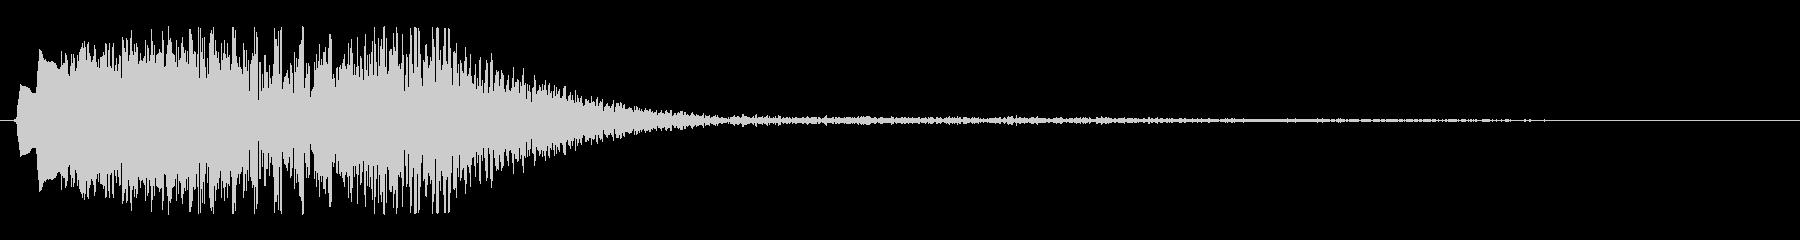 ティウウン、という電子的な効果音の未再生の波形